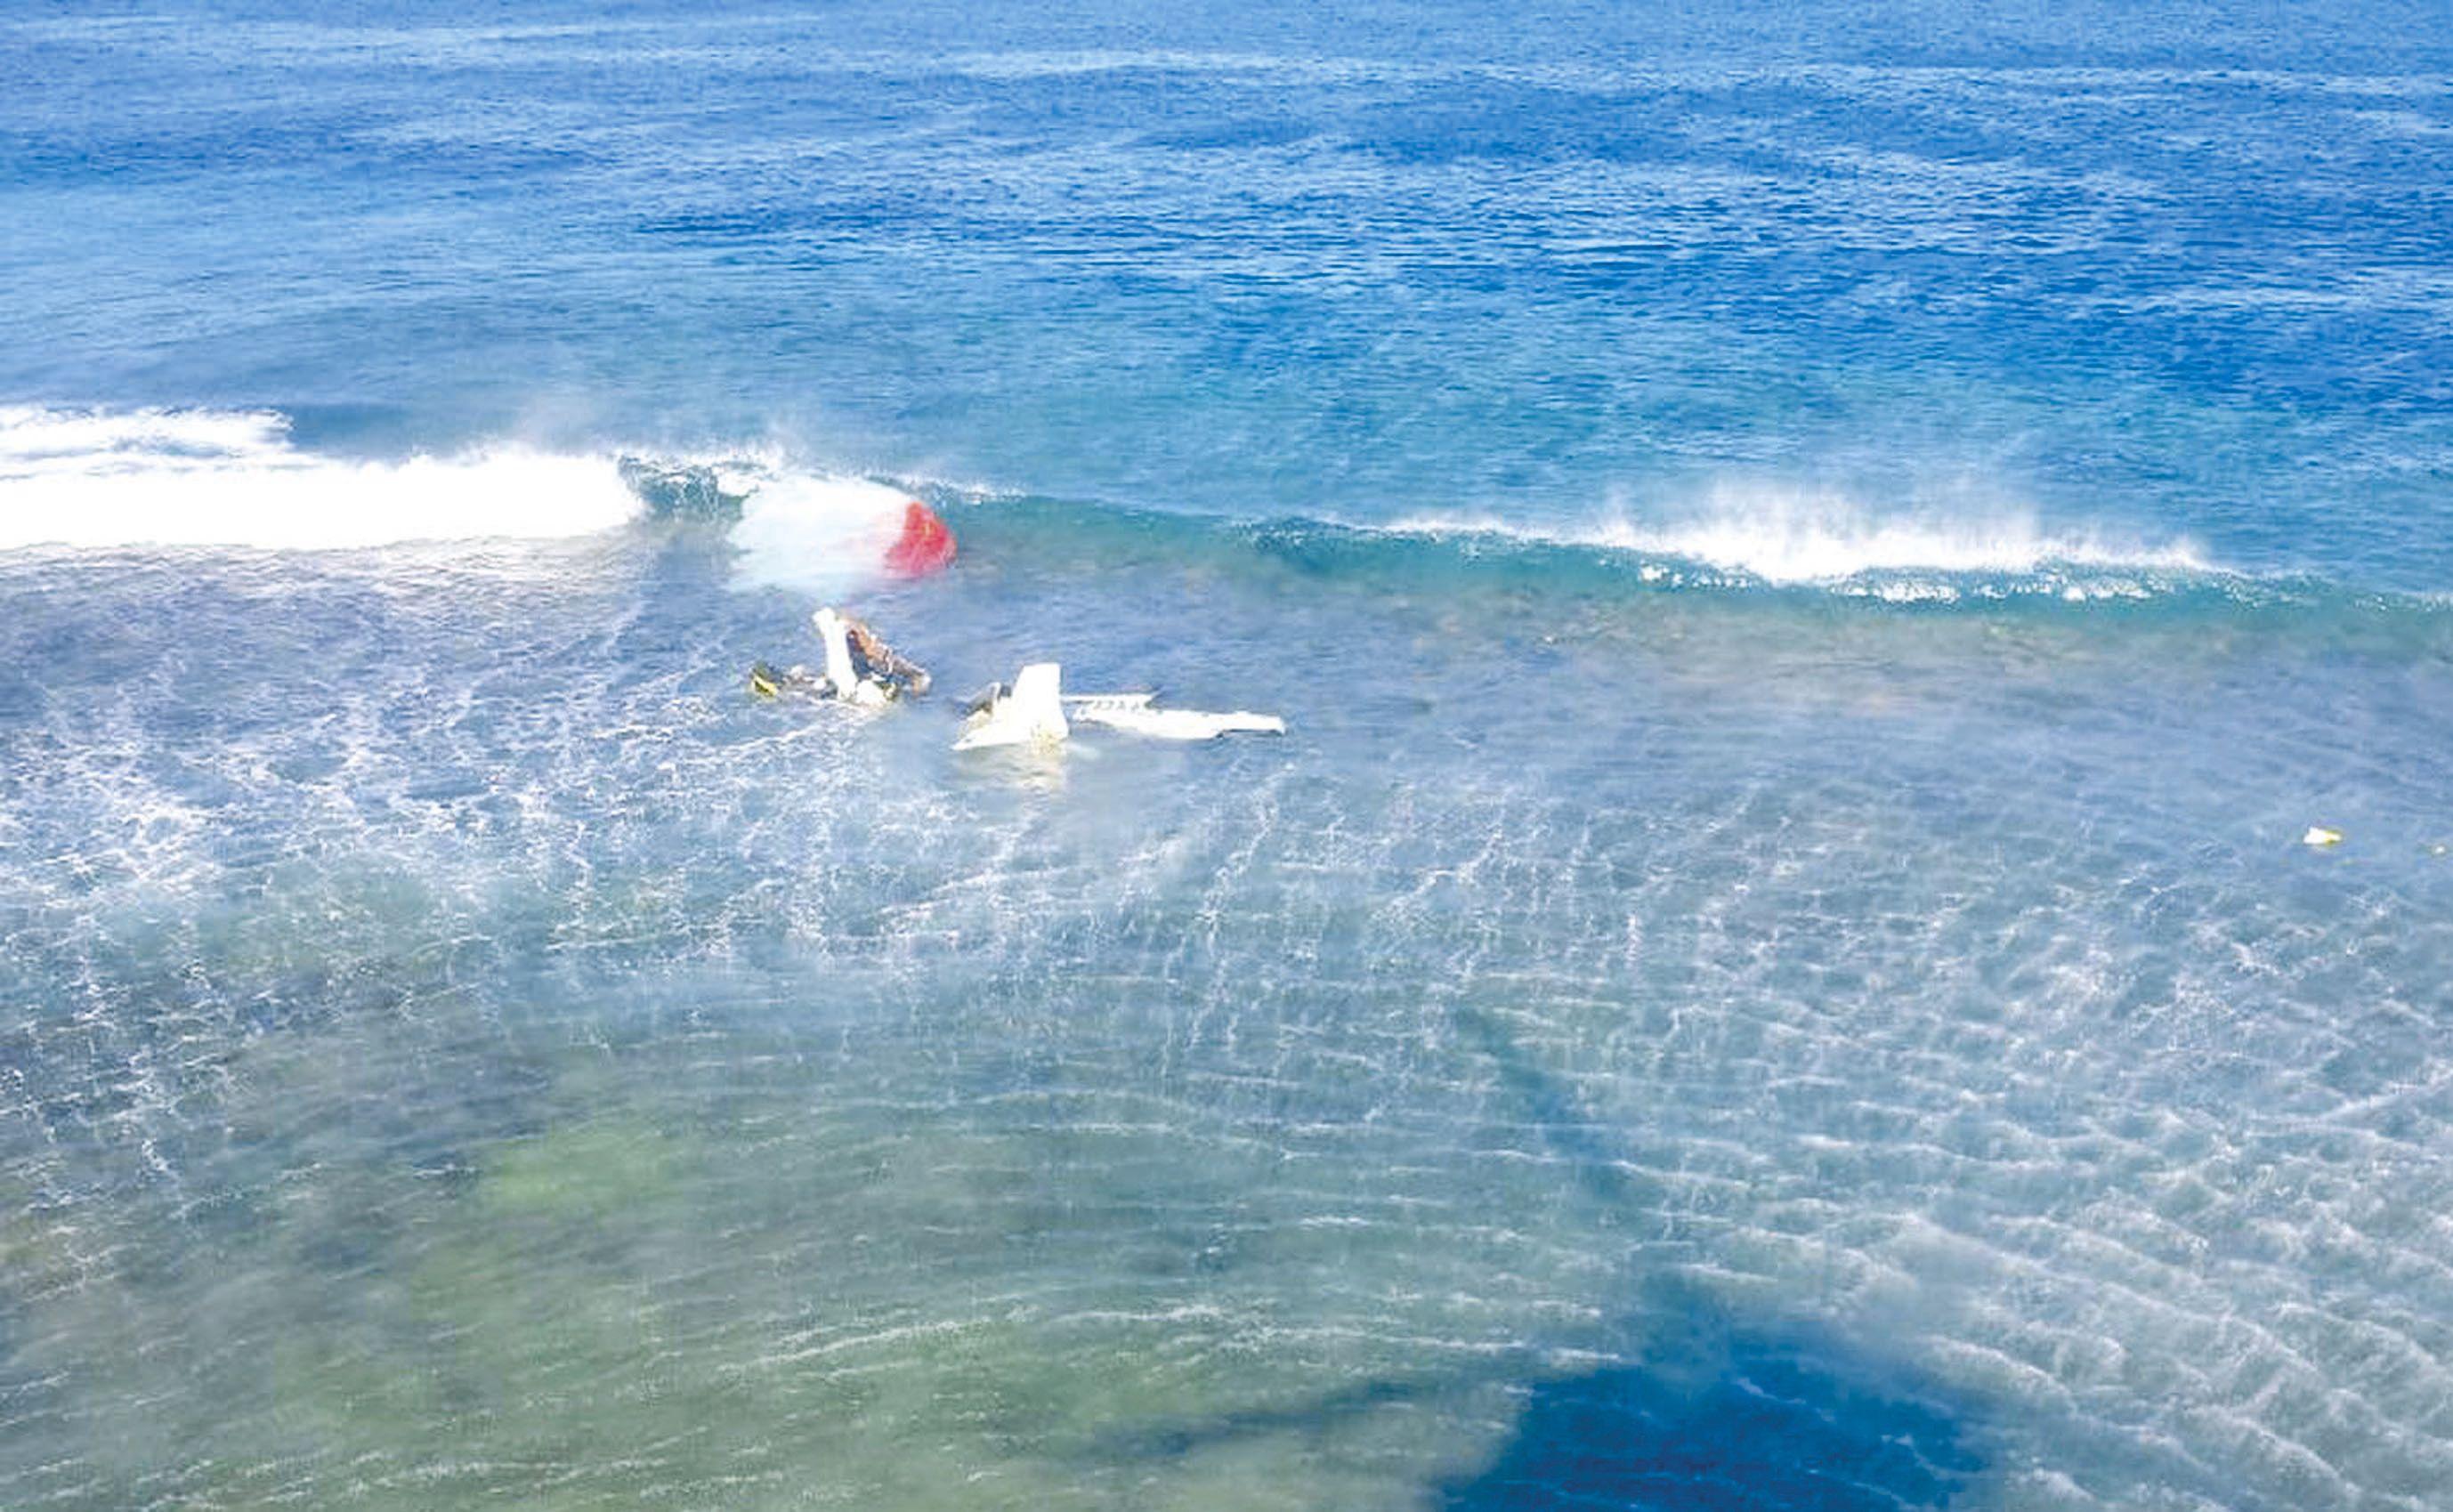 Difficile de reconnaître le FK14 qui s'est crashé sur le récif. Avec moins d'un mètre d'eau, les pompiers ont pu  intervenir à pied. Ils y ont retrouvé le corps de Lionel Mussard et celui de Julien Parmentier.